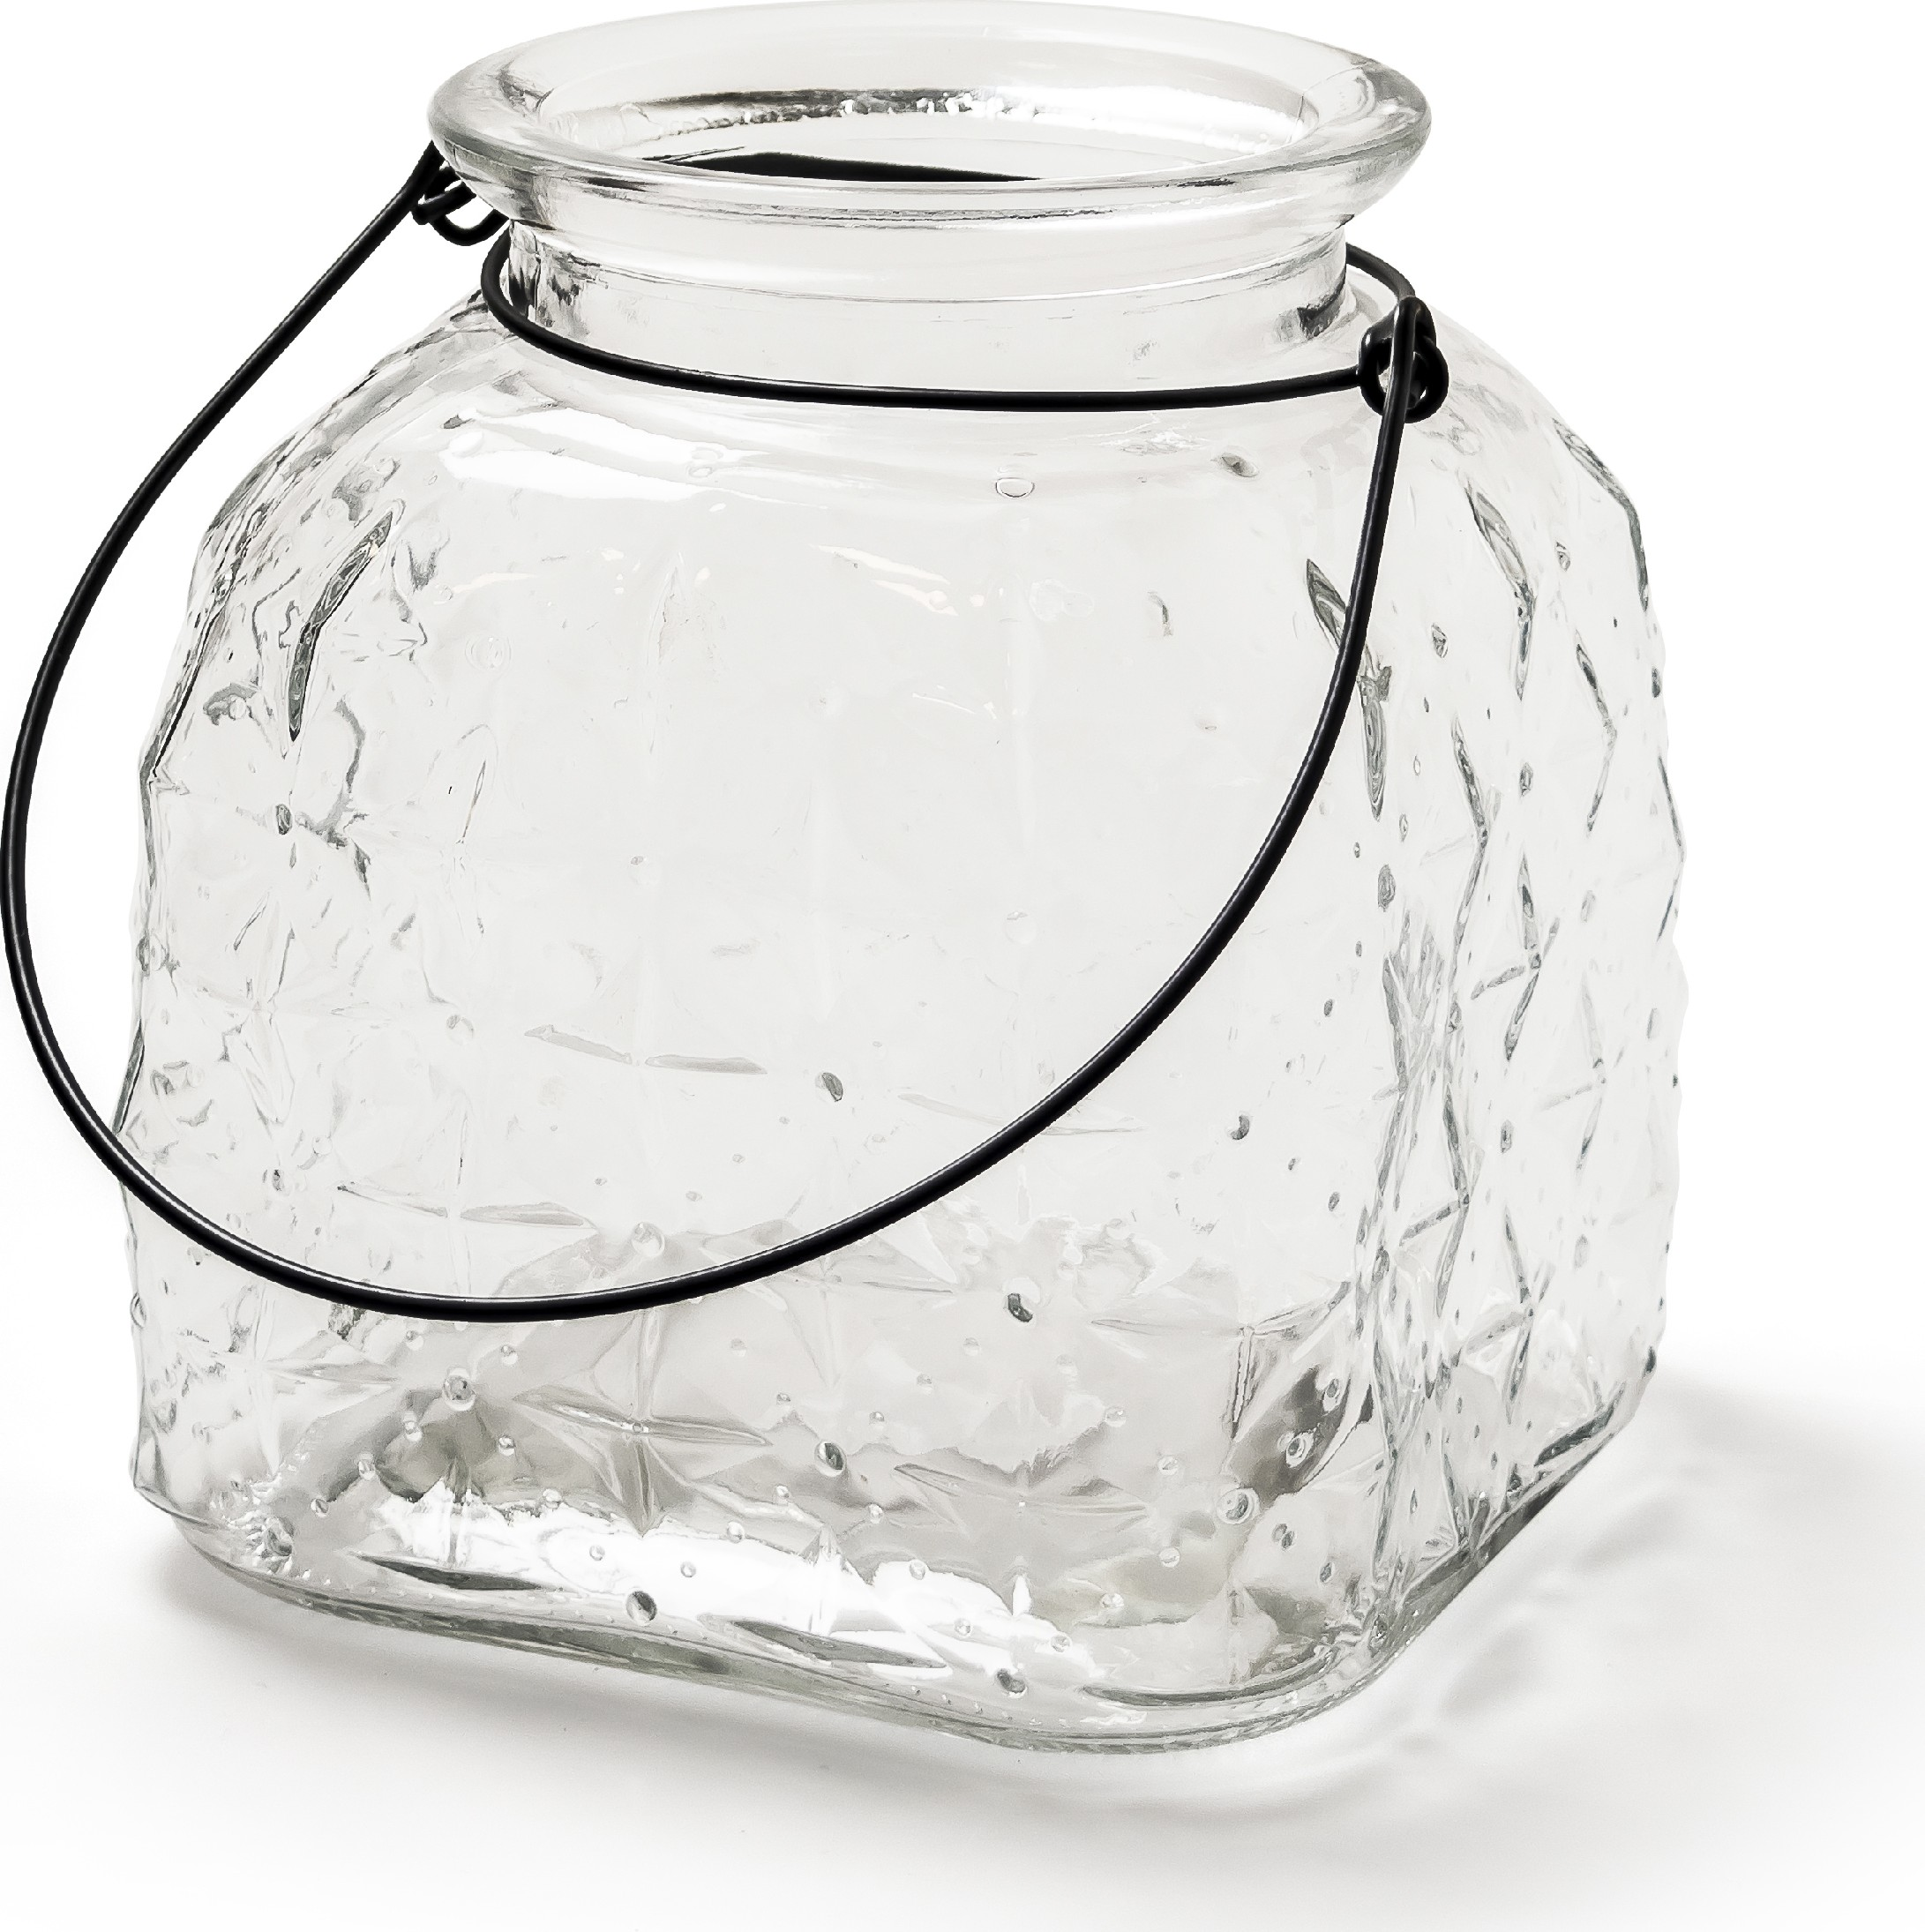 Skleněná váza na zavěšení střední